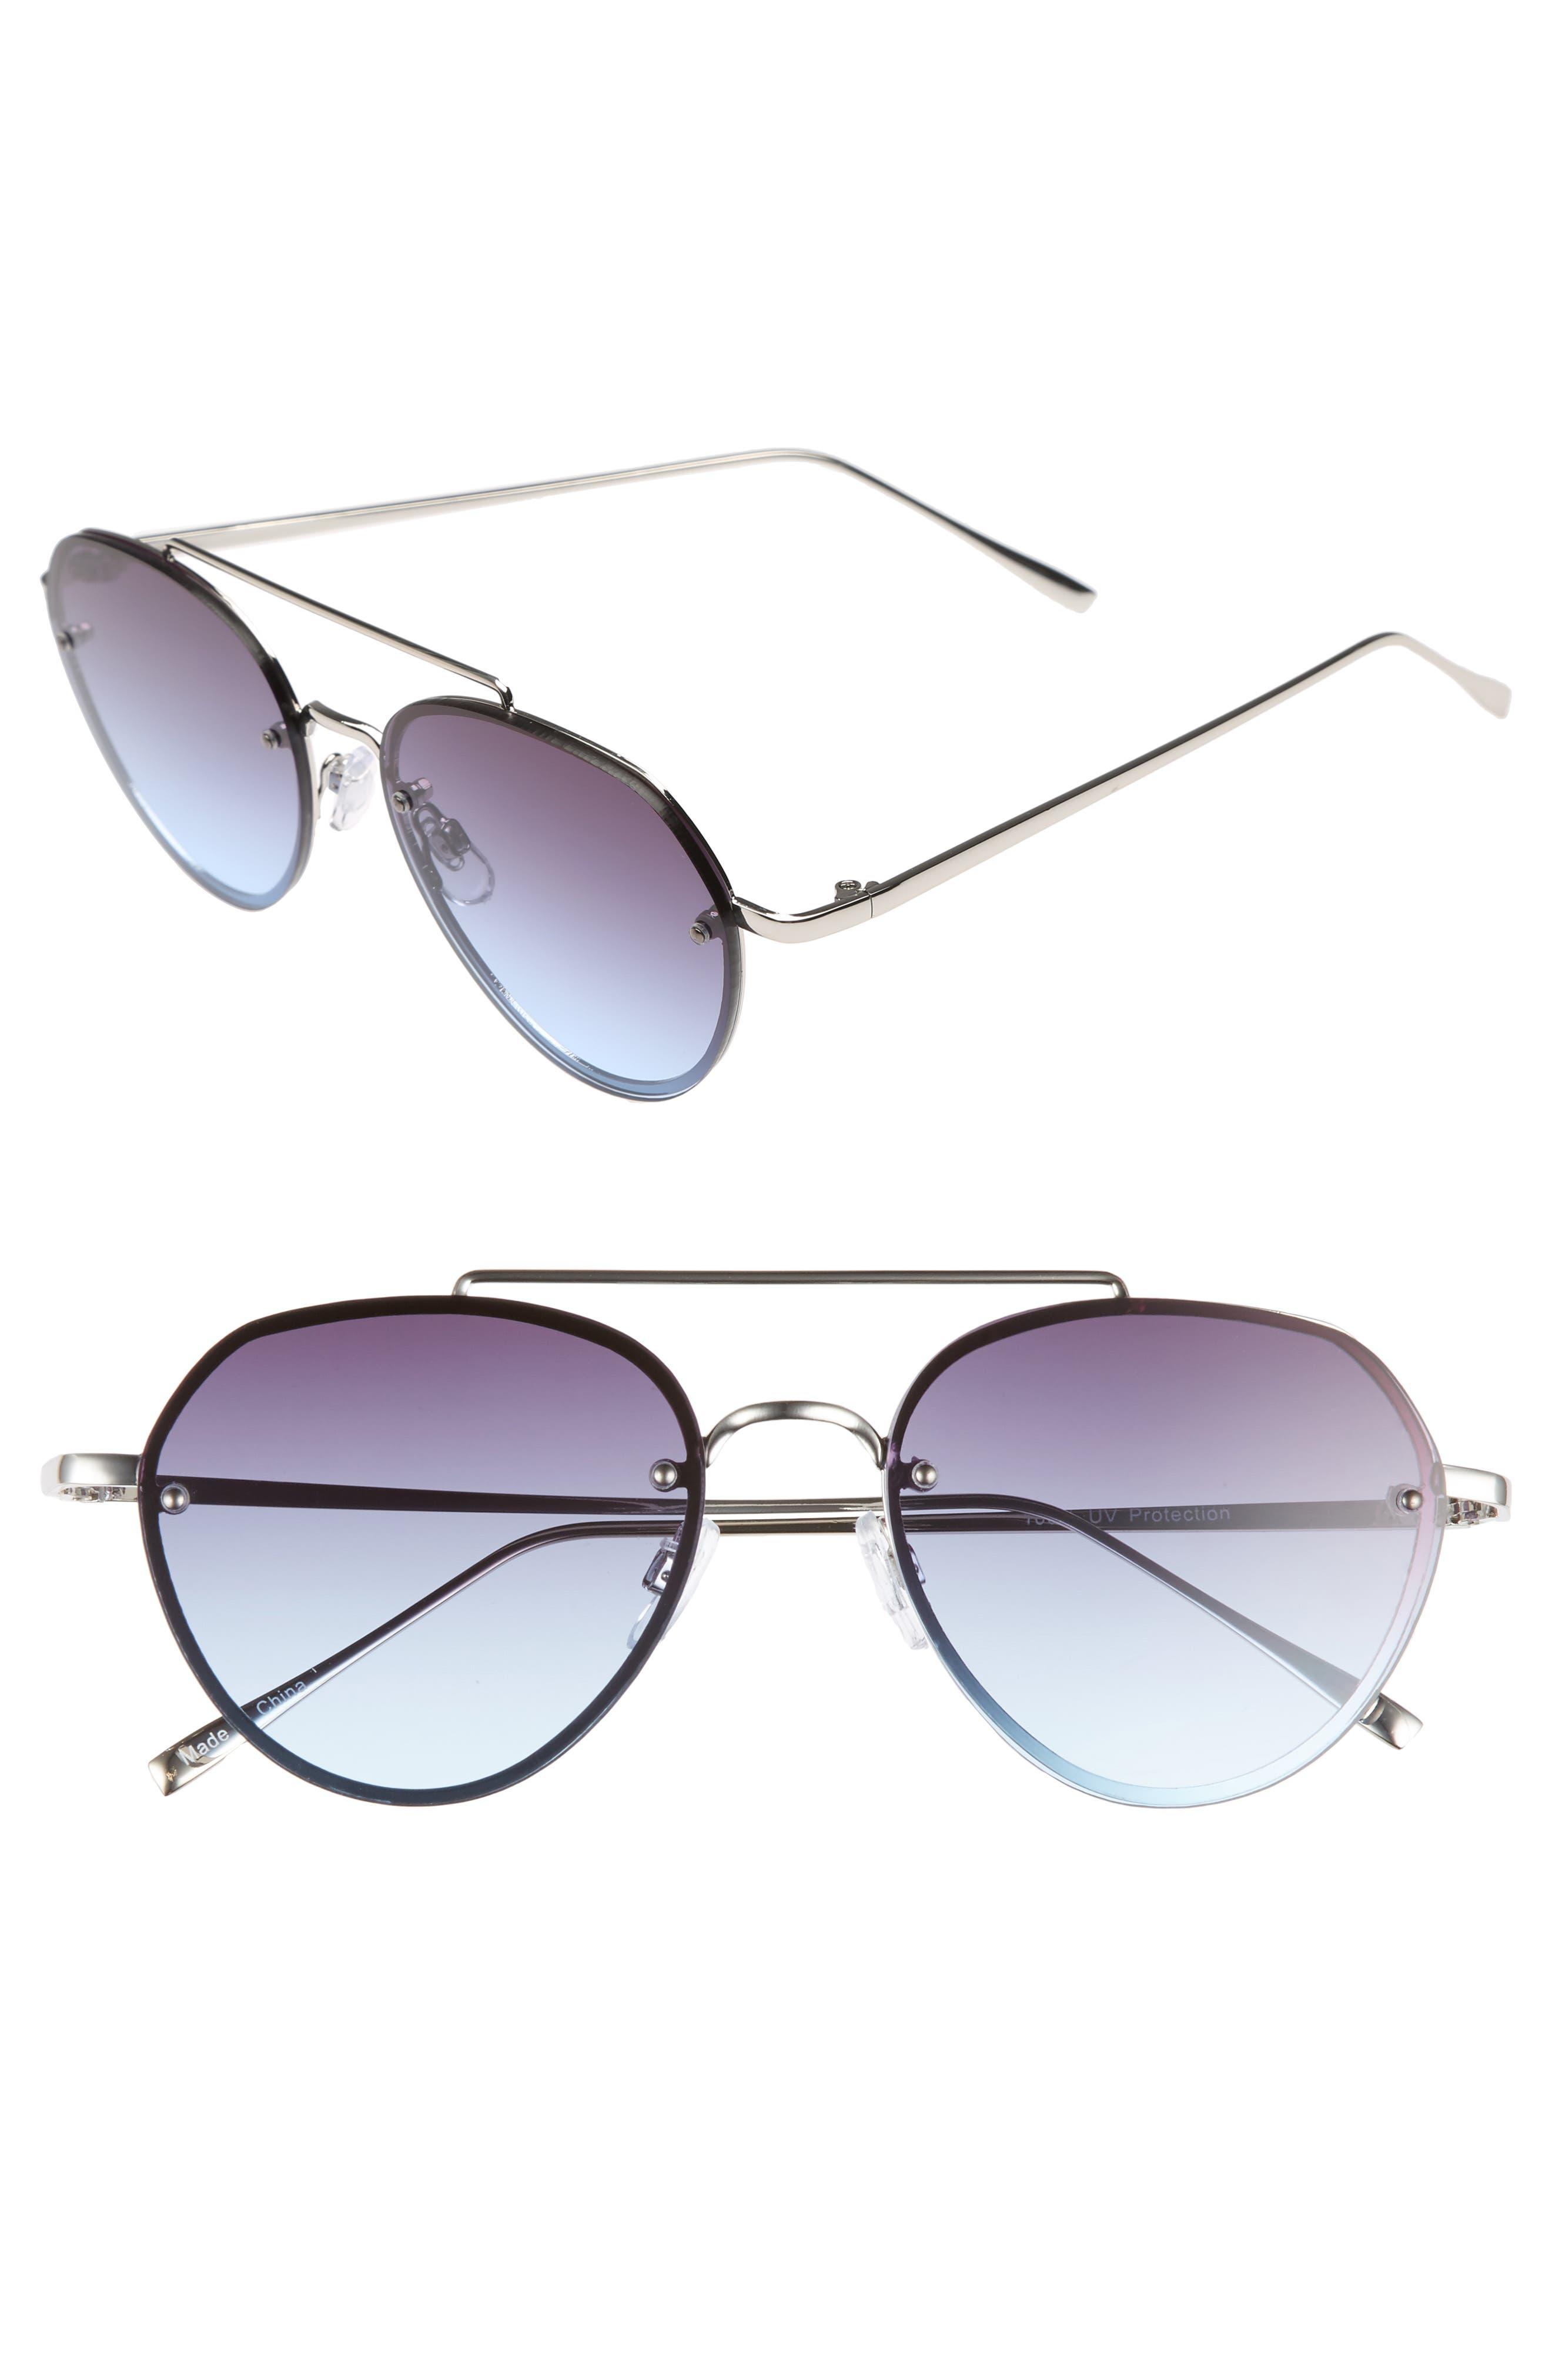 Alternate Image 1 Selected - BP. Gradient Petite Aviator Sunglasses